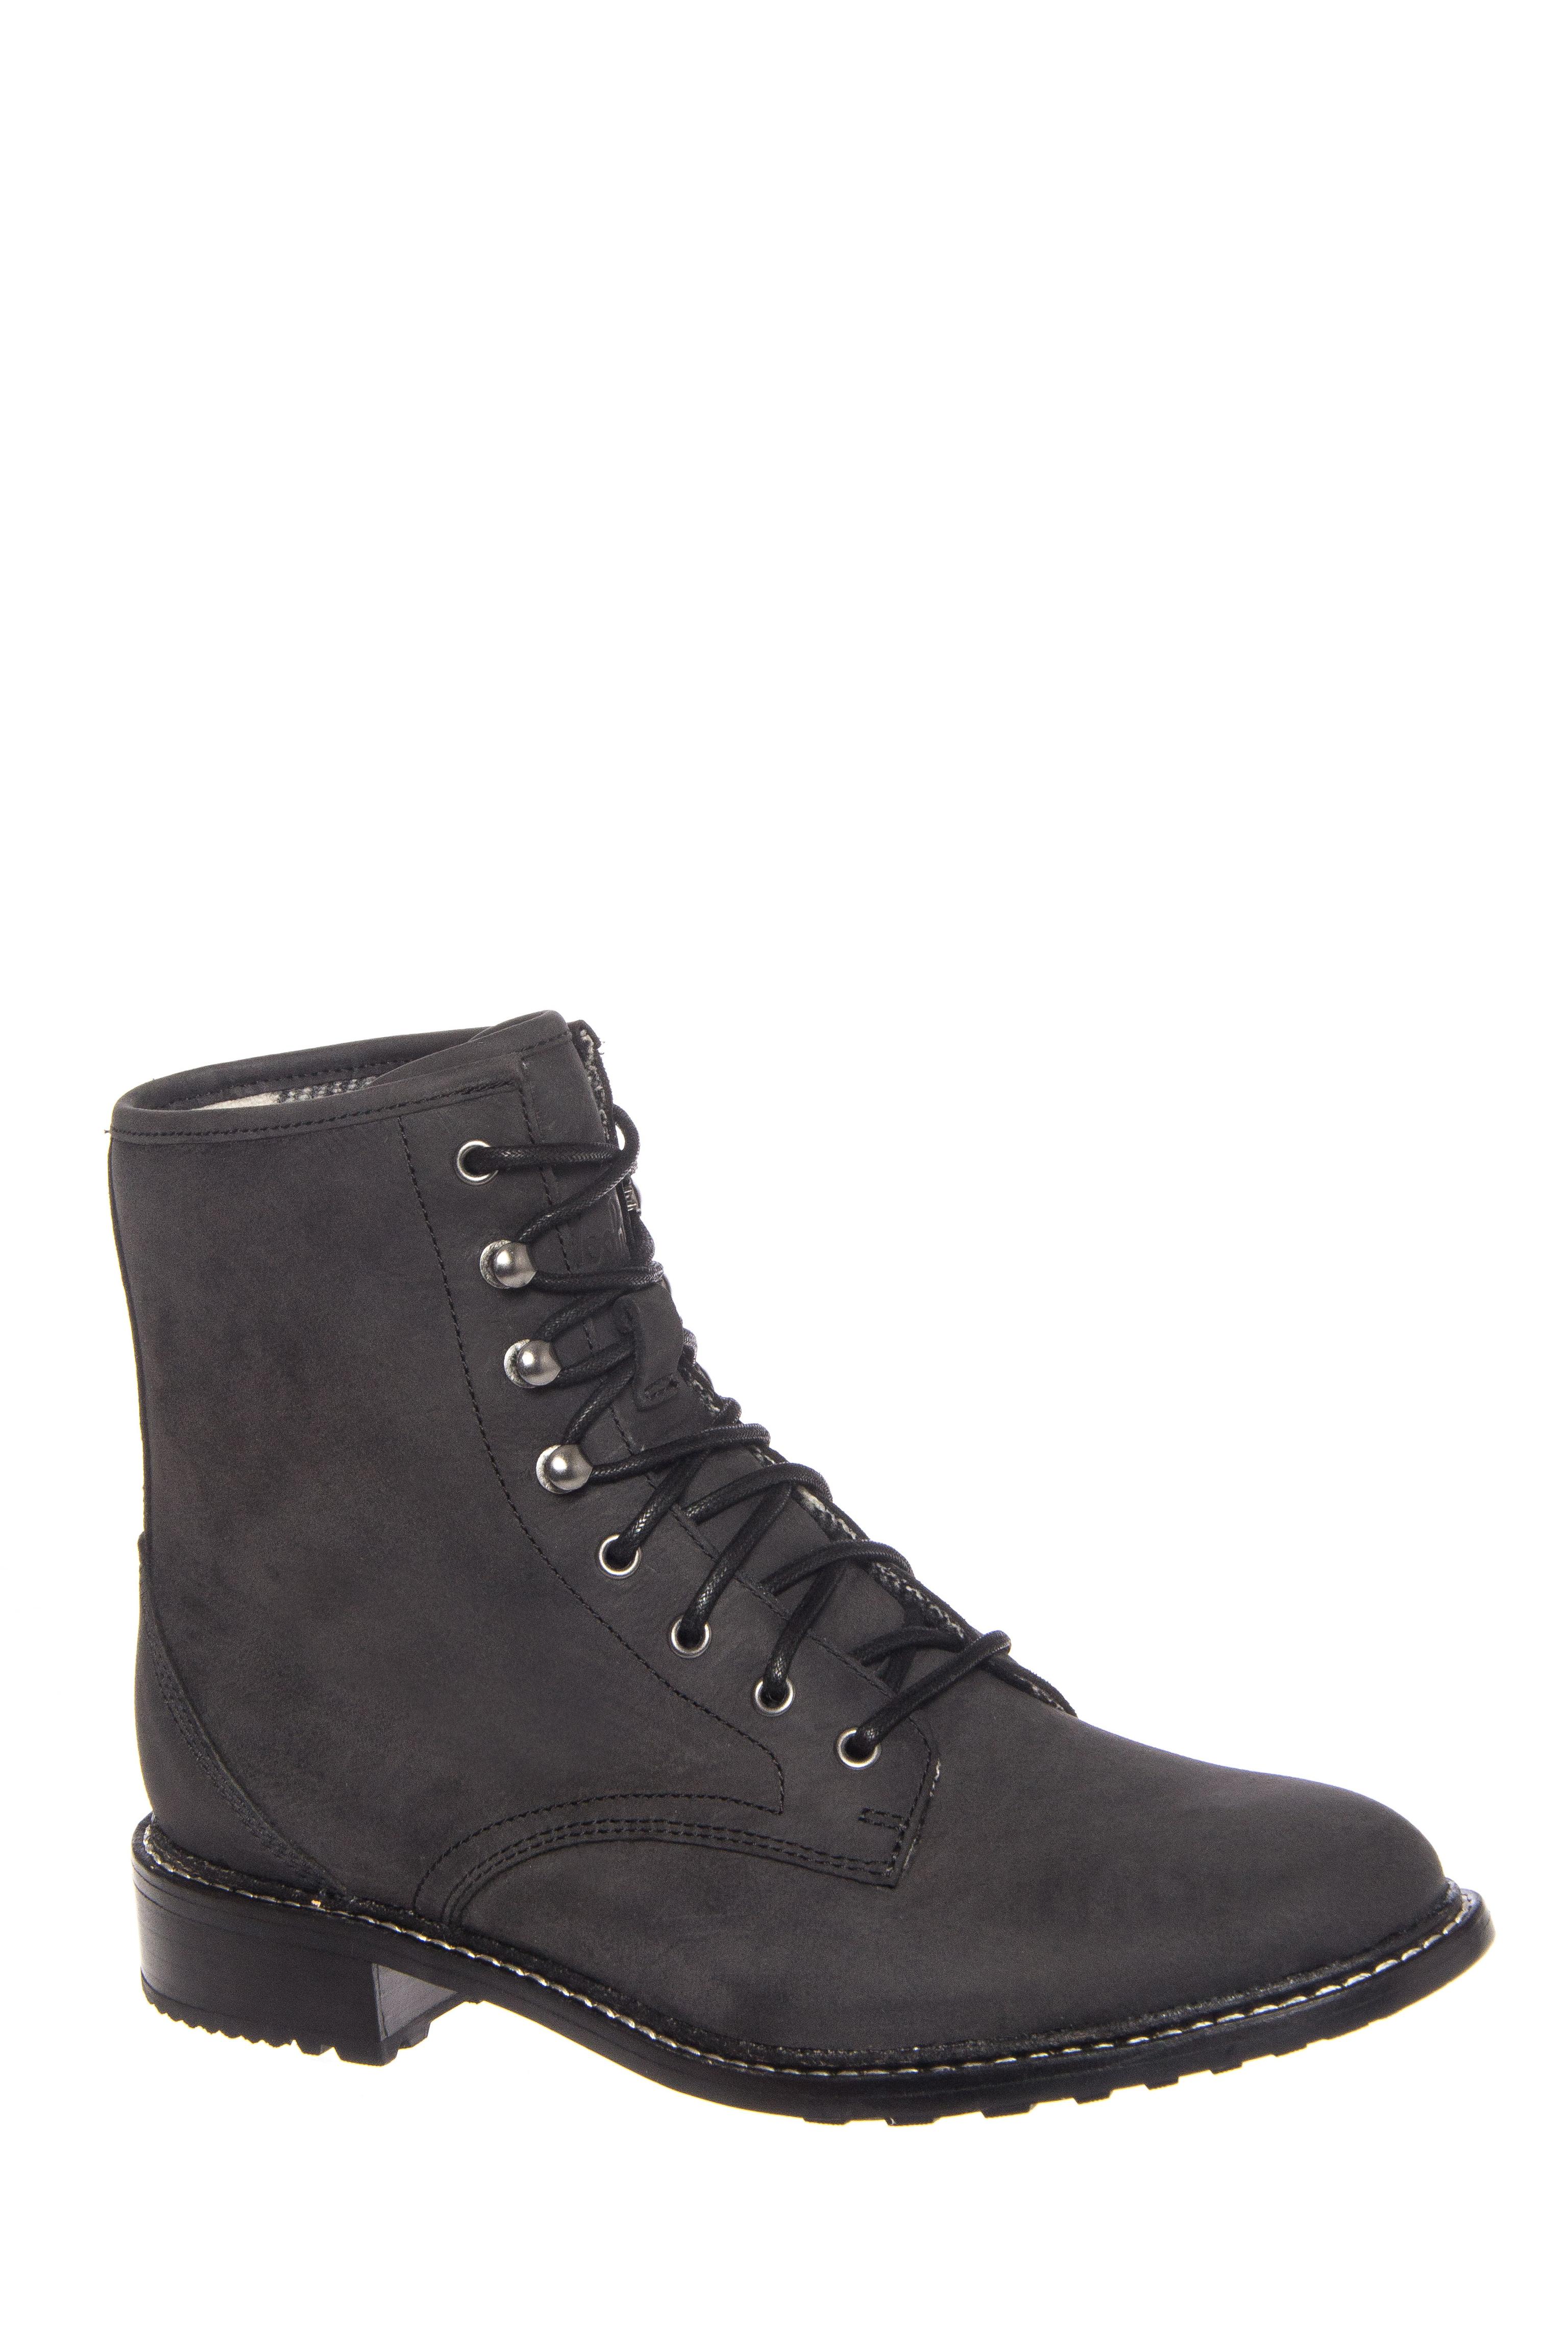 Woolrich Deadeye Low Heel Boot